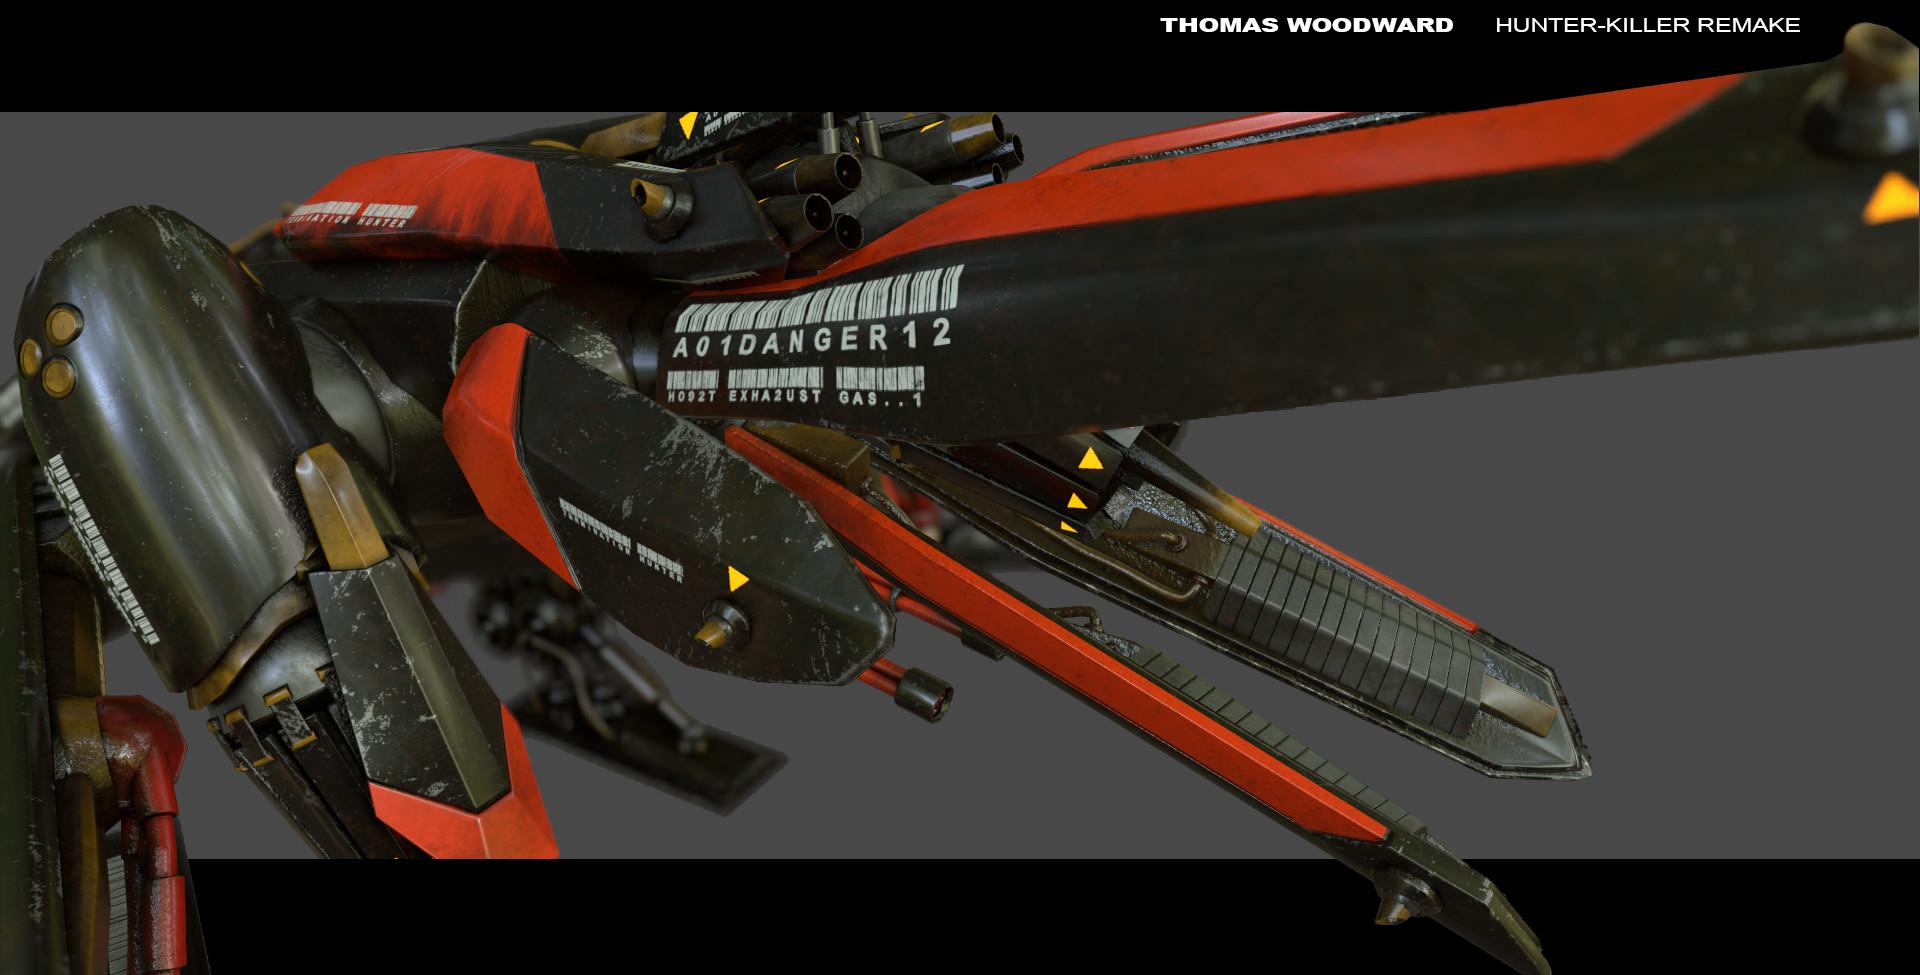 Thomas woodward 05